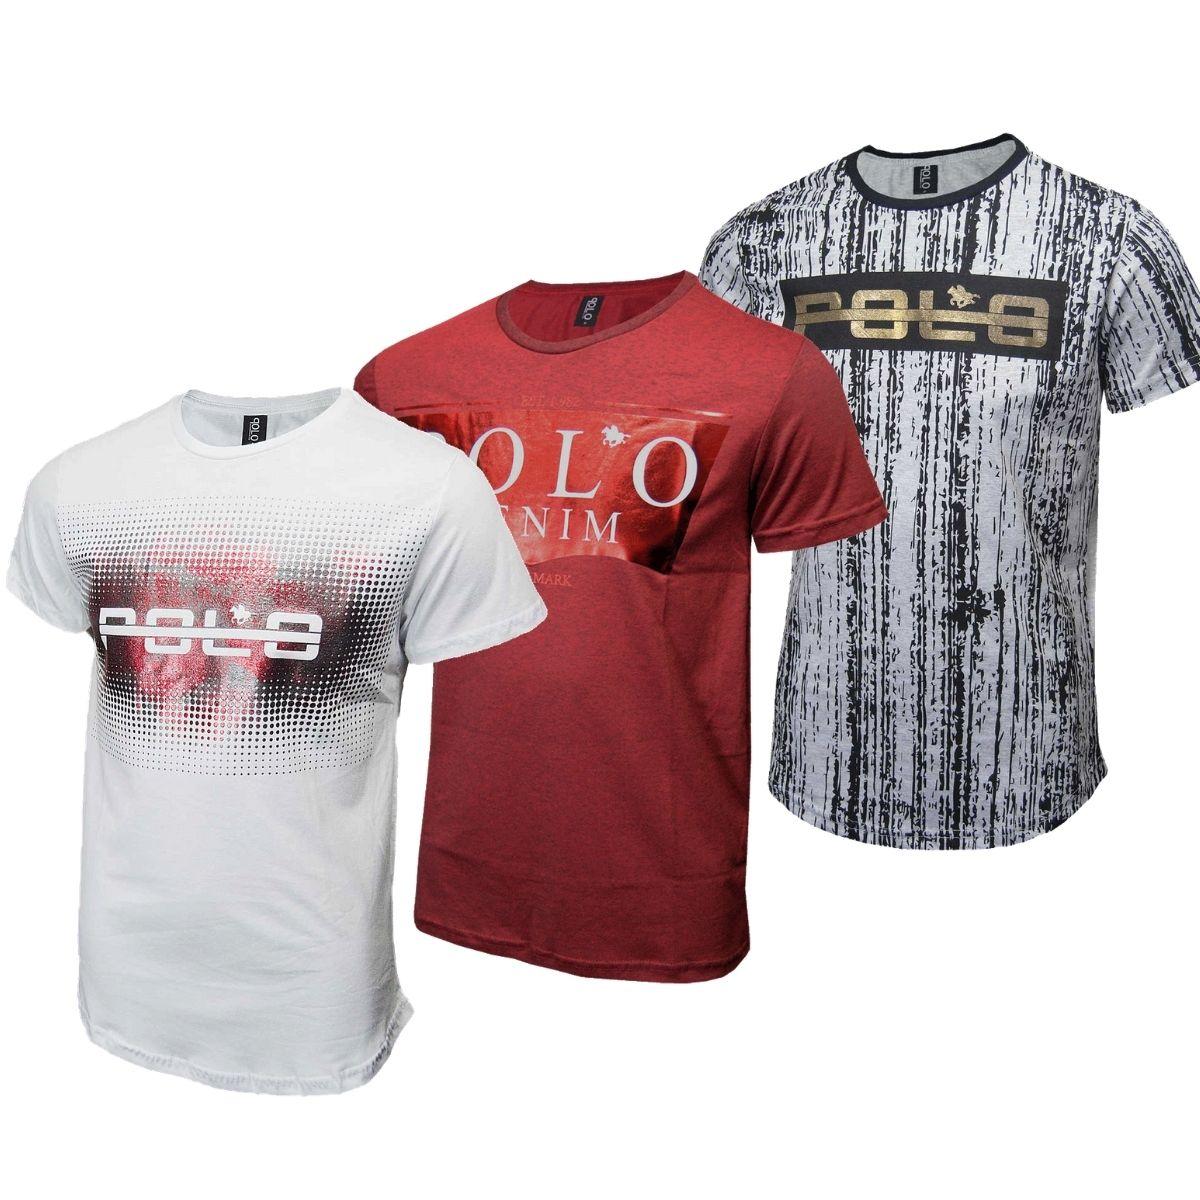 Kit Camiseta Masculina Camisetas estampadas Polo RG518